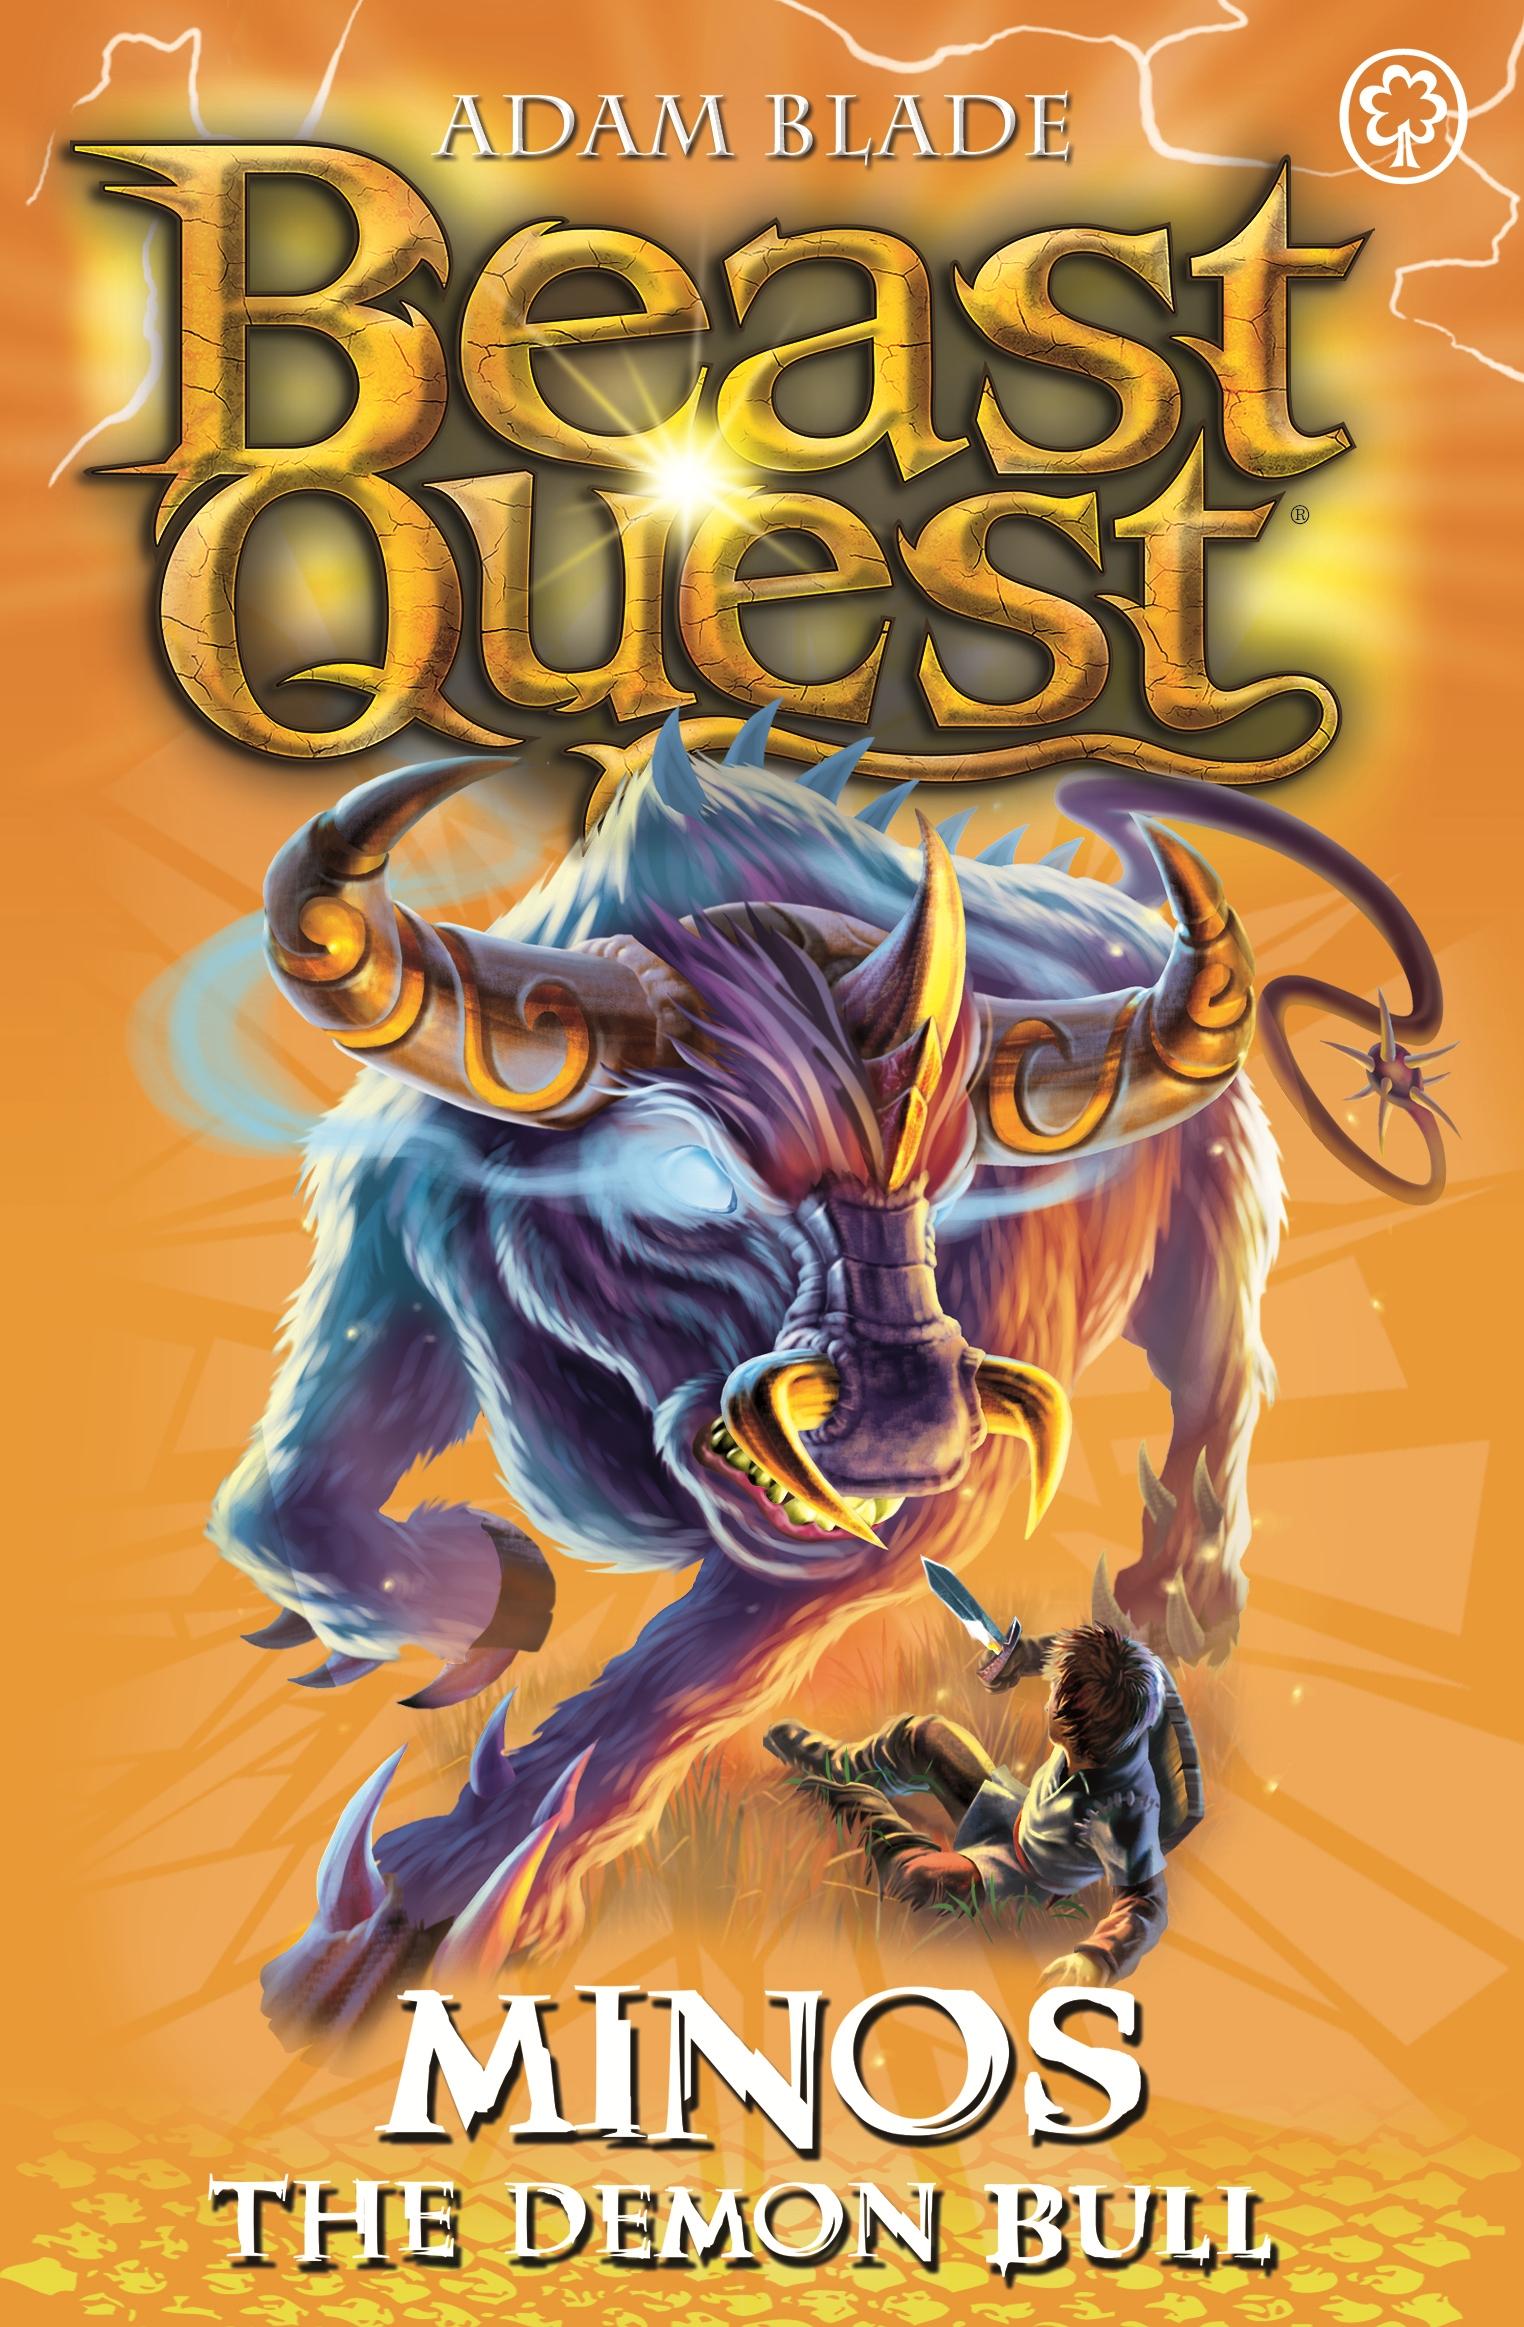 beast quest minos the demon bulladam blade  hachette